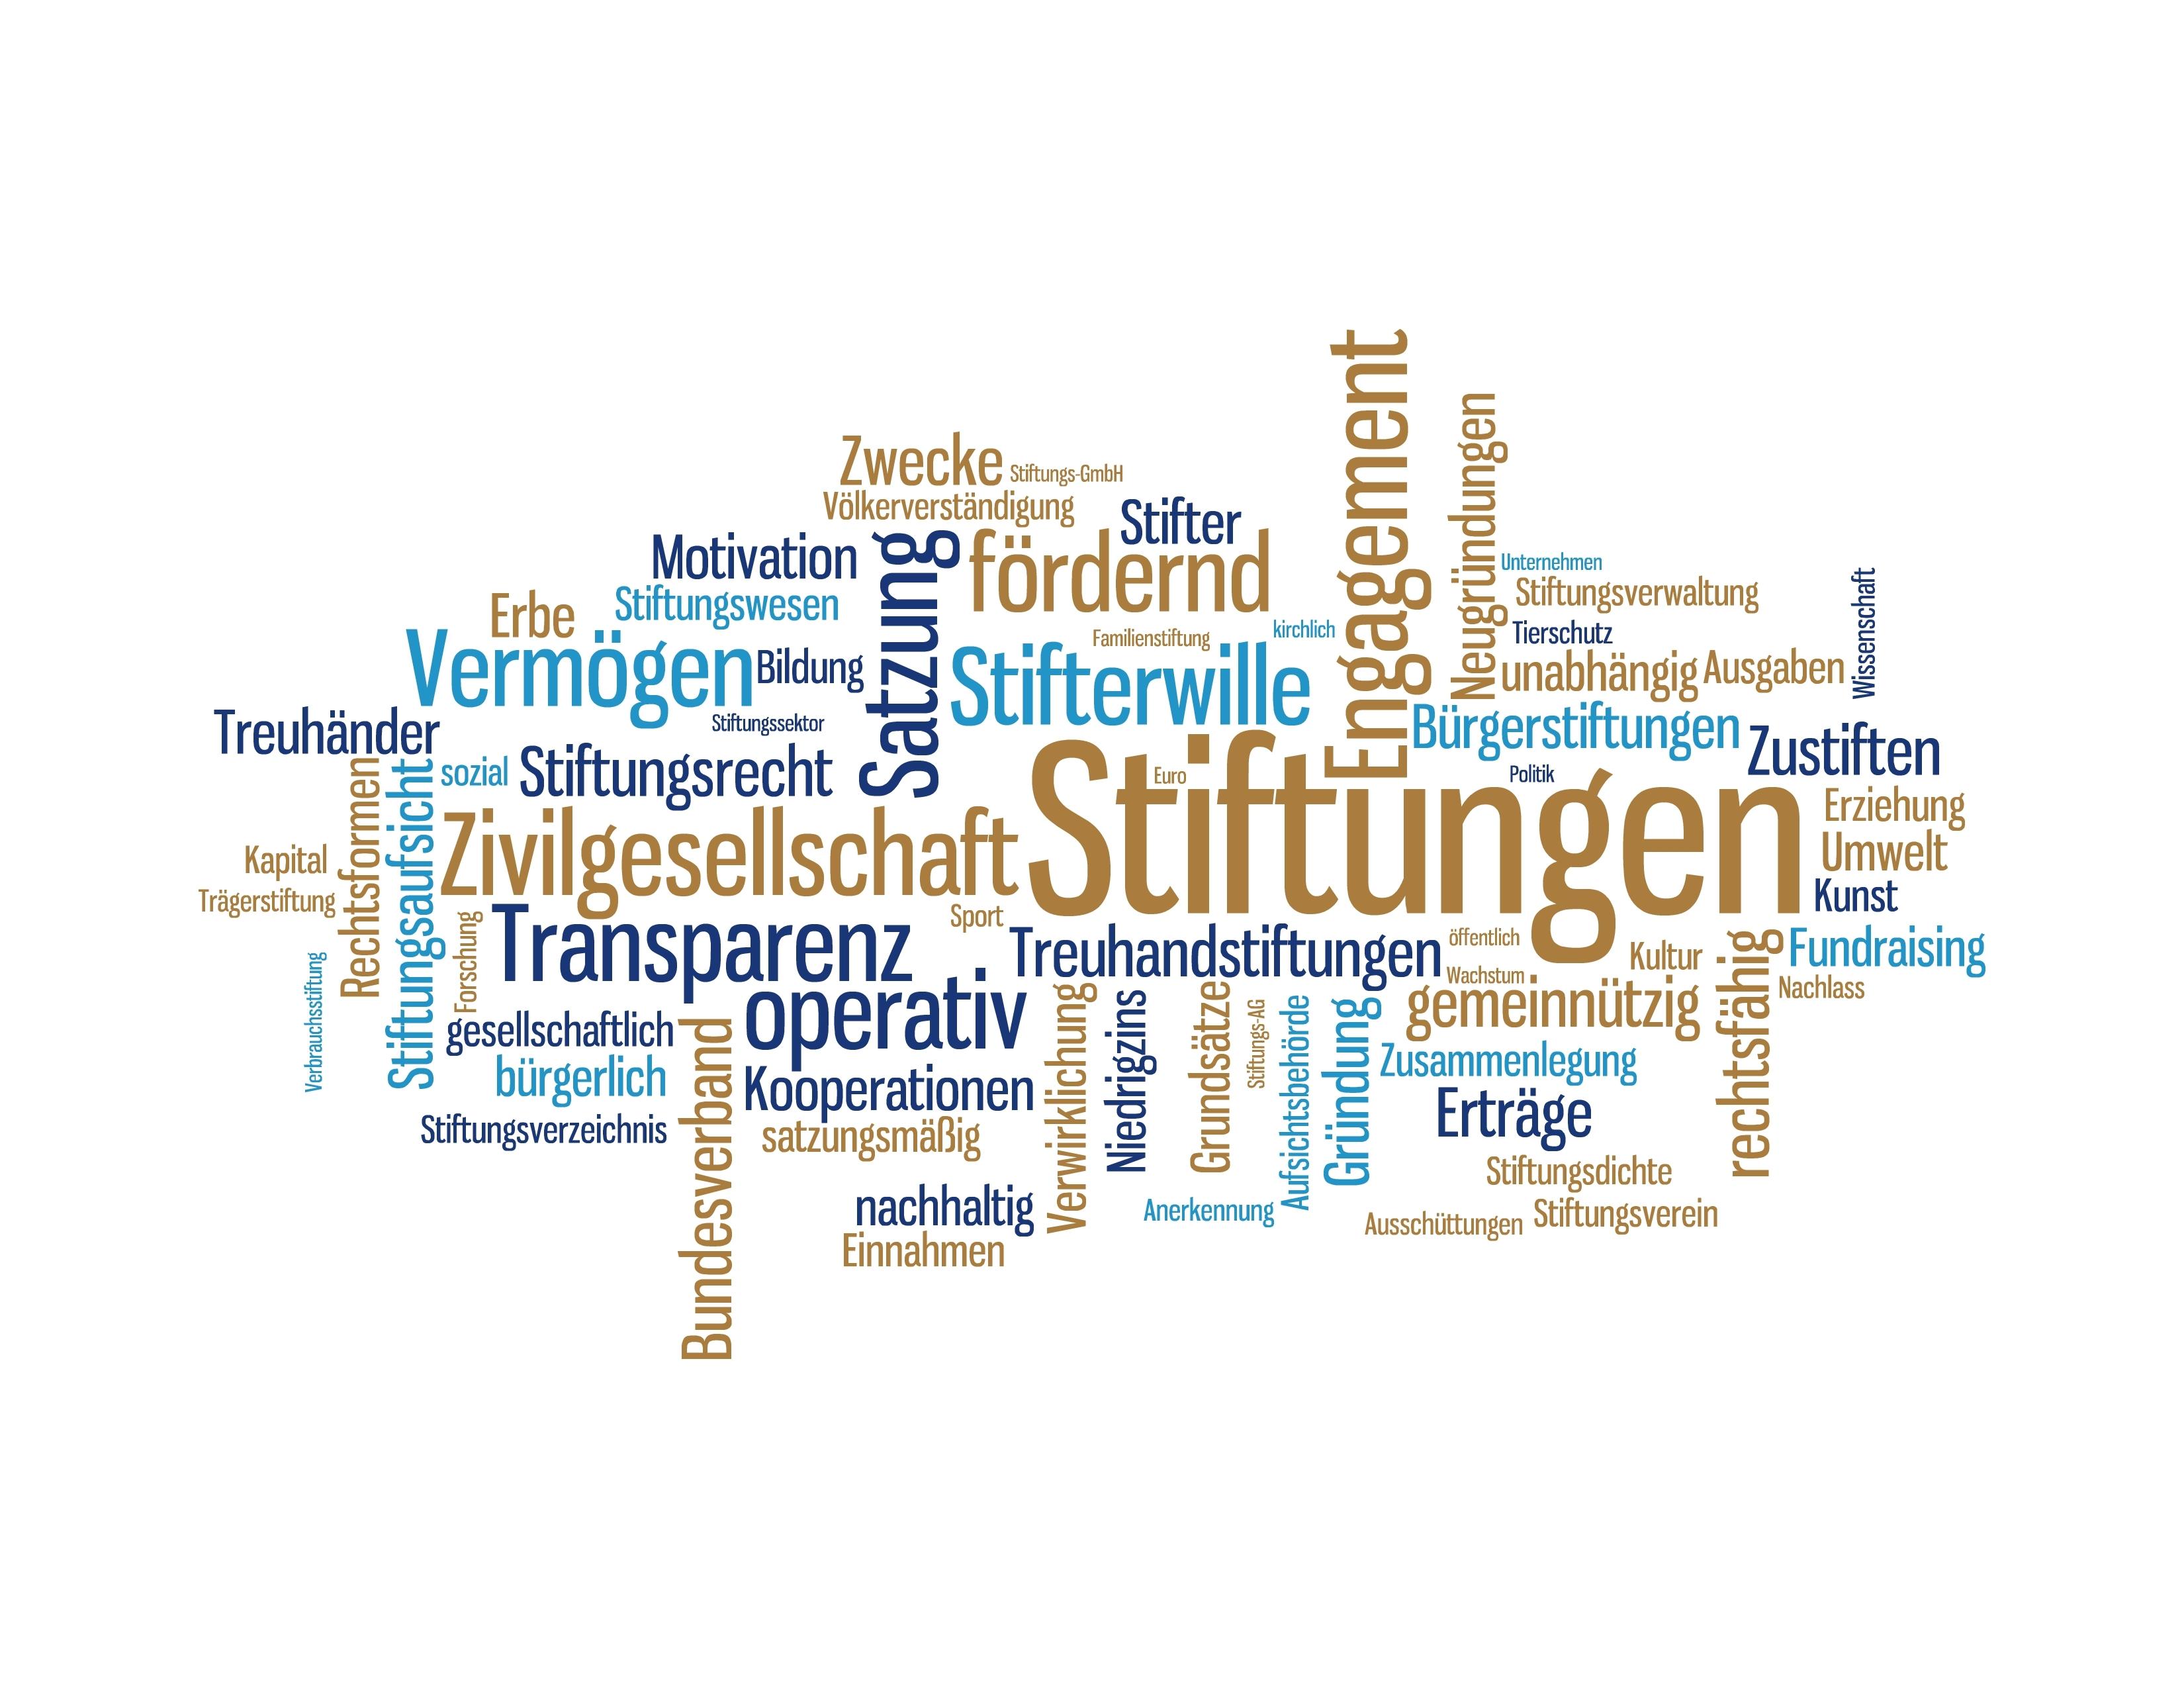 Die Bürgerstiftung Gescher Ist Mitglied Im Bundesverband Deutscher Stiftungen